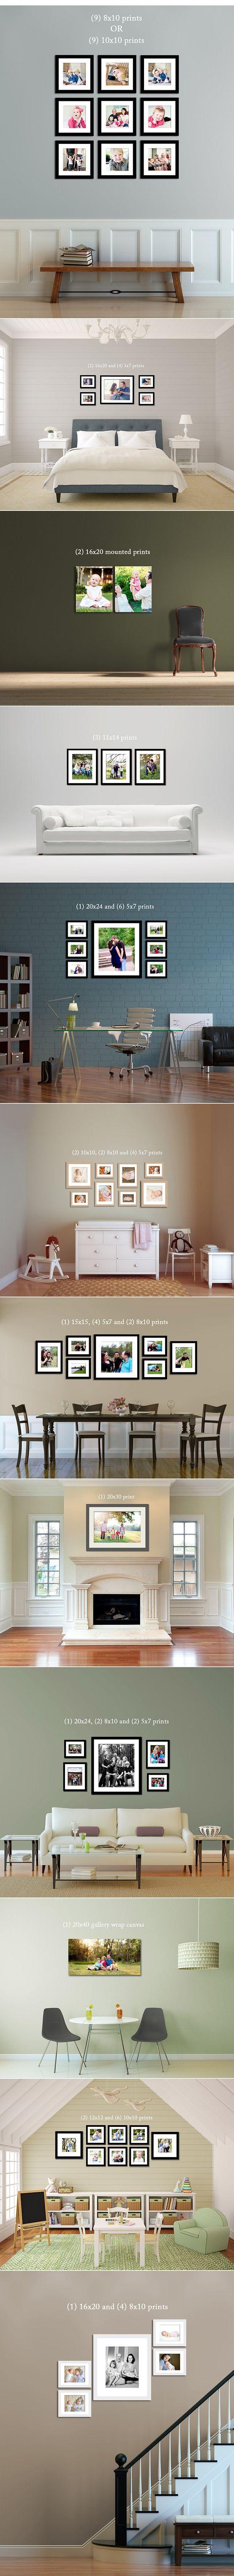 frames | My Dream House | Pinterest | Zuhause, Wandgestaltung und ...